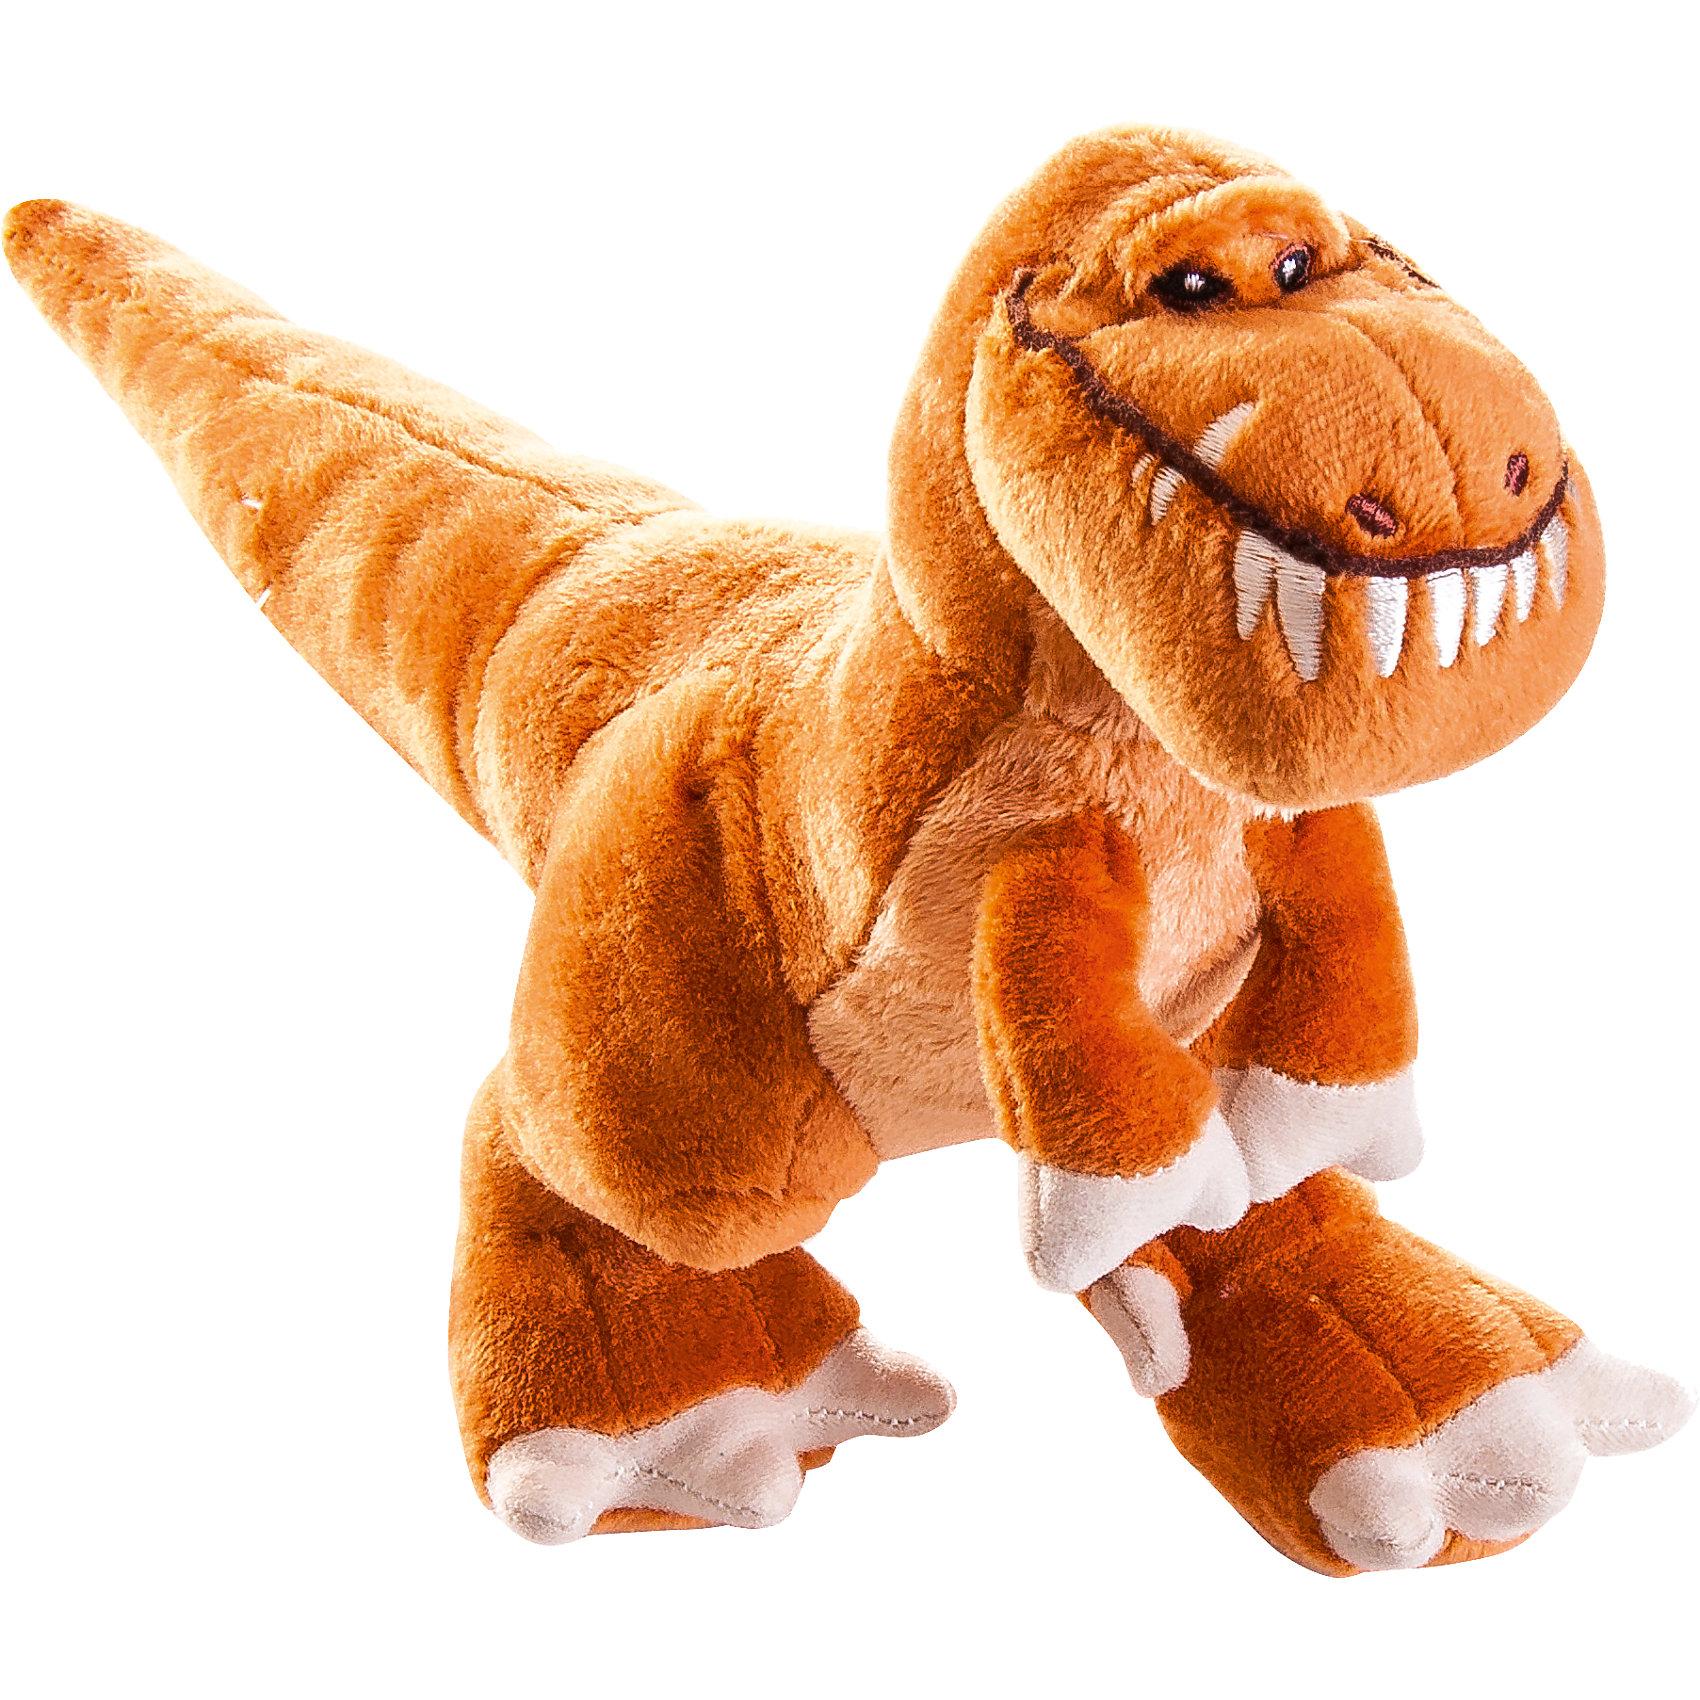 Disney Мягкая игрушка  Буч, 17 см, Хороший динозавр мягкая игрушка disney ушастик 17 см